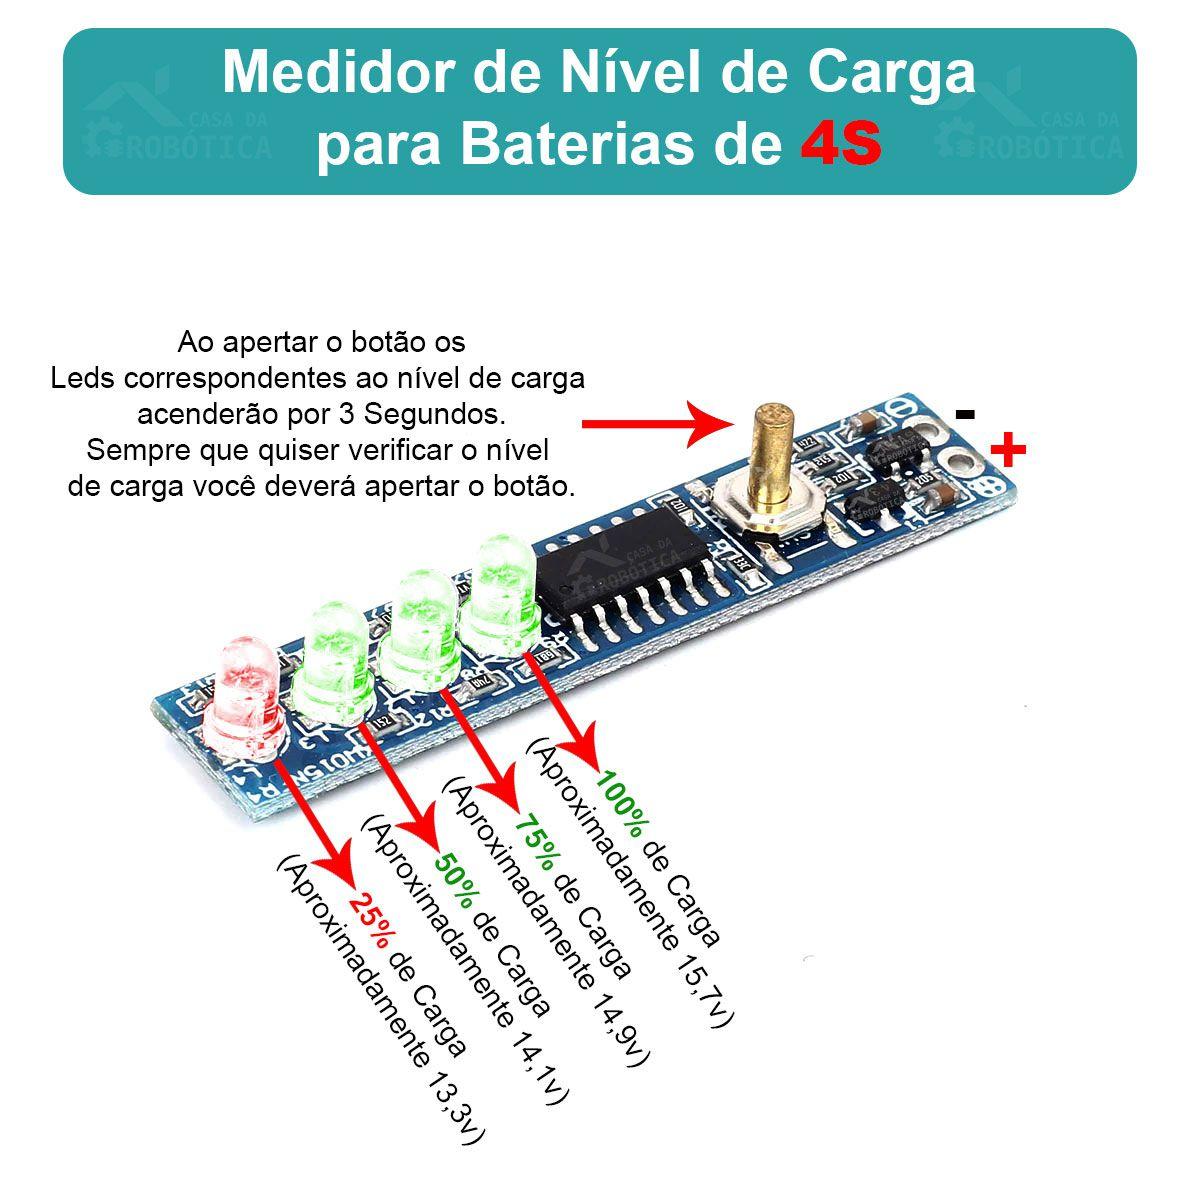 Voltíimetro Indicador de Nível de Carga para Baterias 4S 16,8V